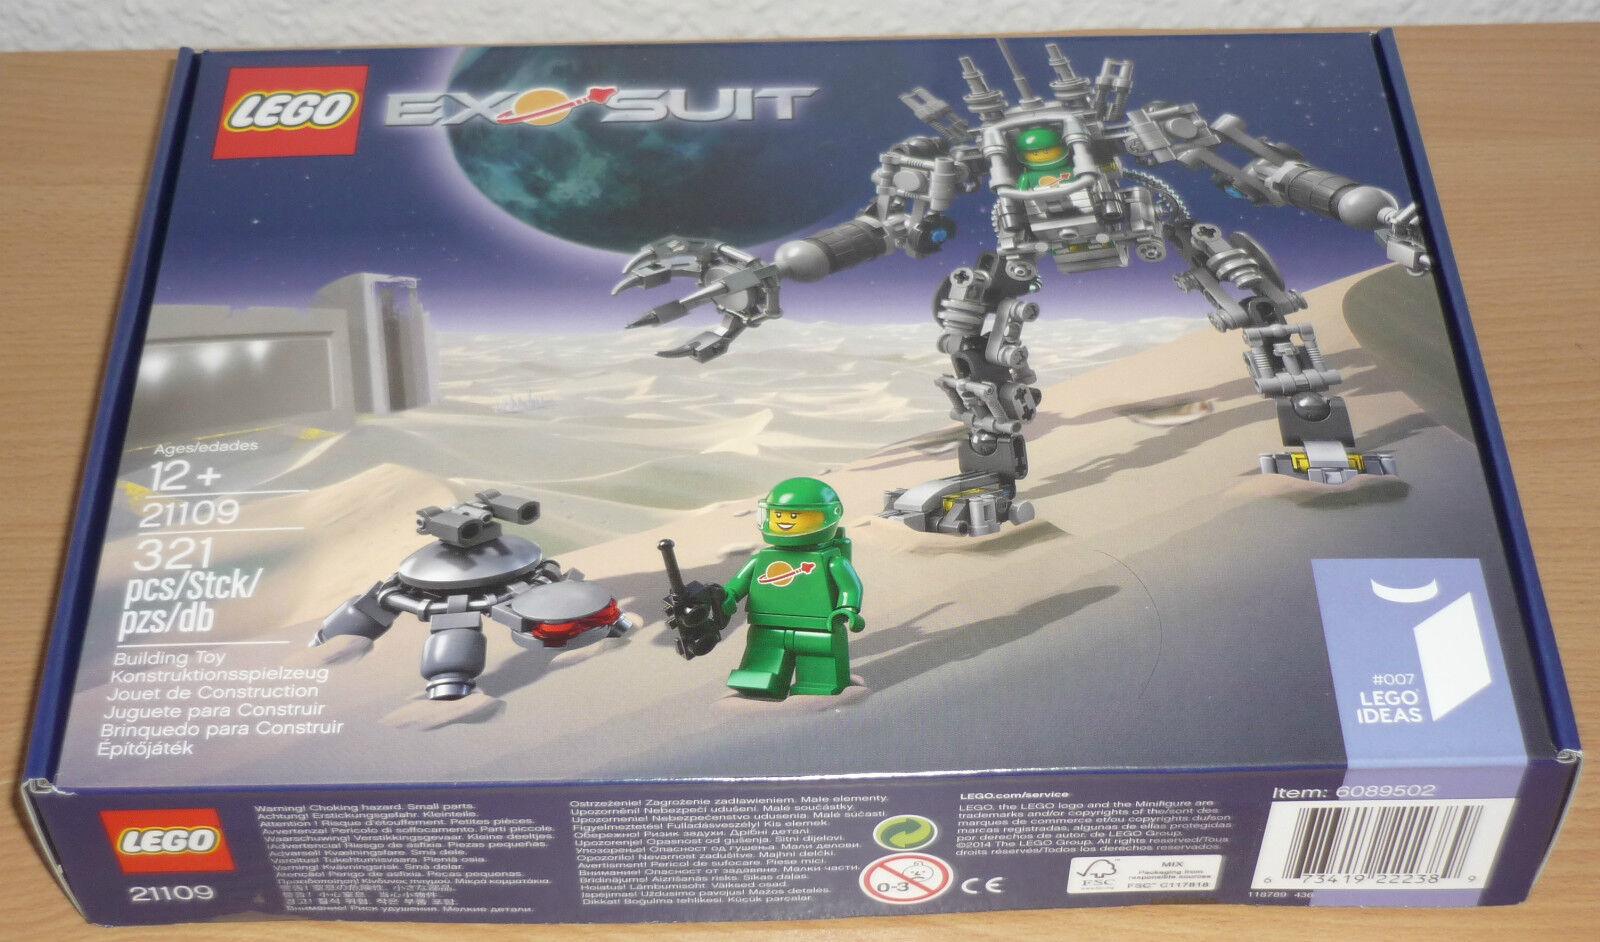 Lego Weltraum 21109 ExoSuit ExoSuit ExoSuit mit Karton (verschlossen) 862049